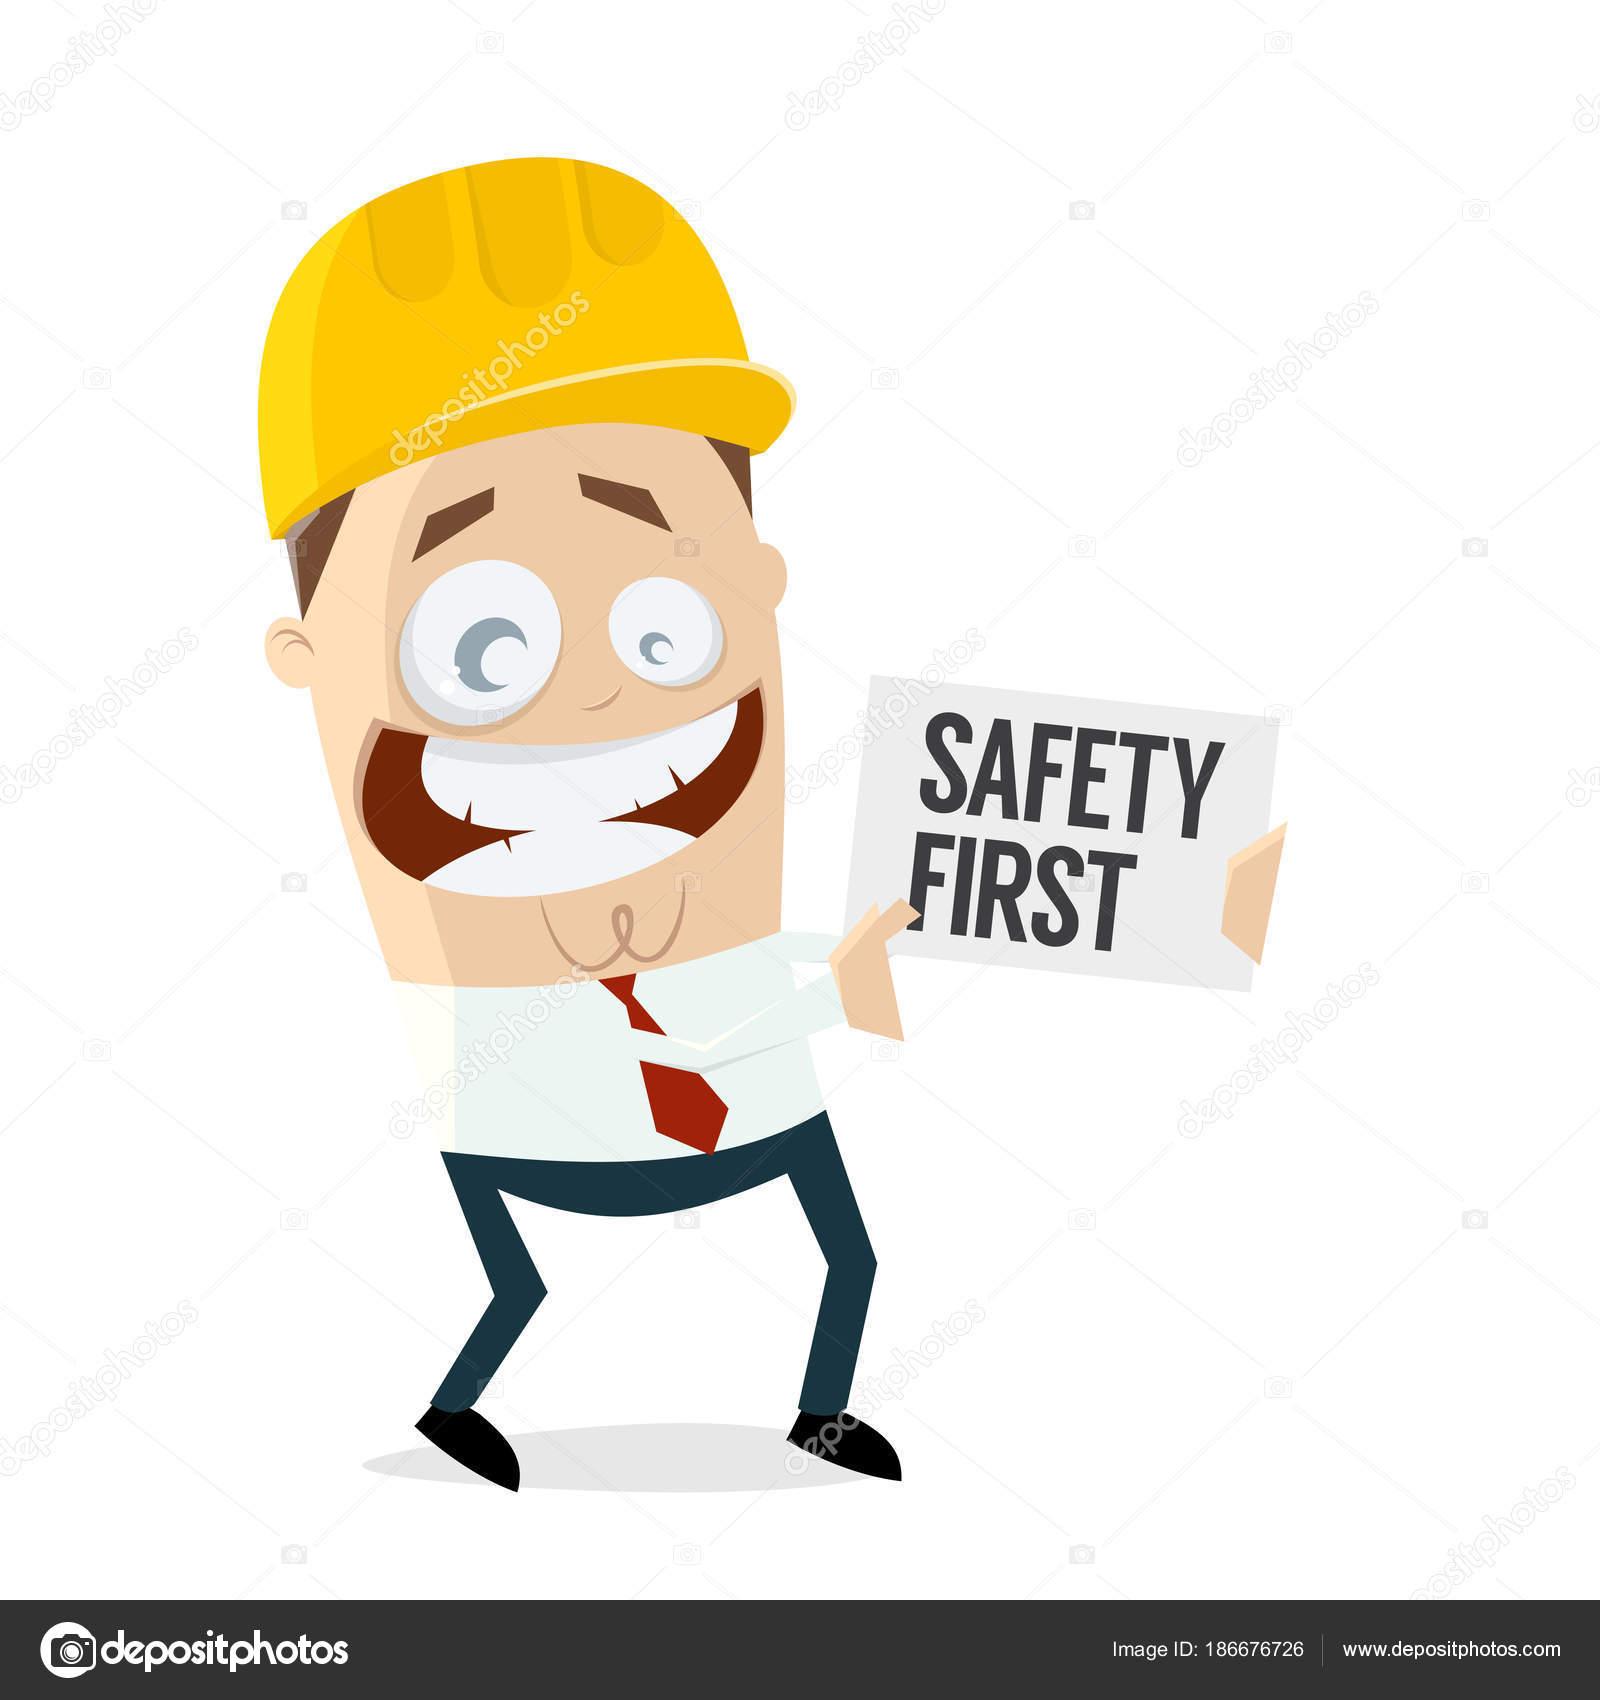 最初にヘルメット 安全と人間のクリップアートに署名します — ストック